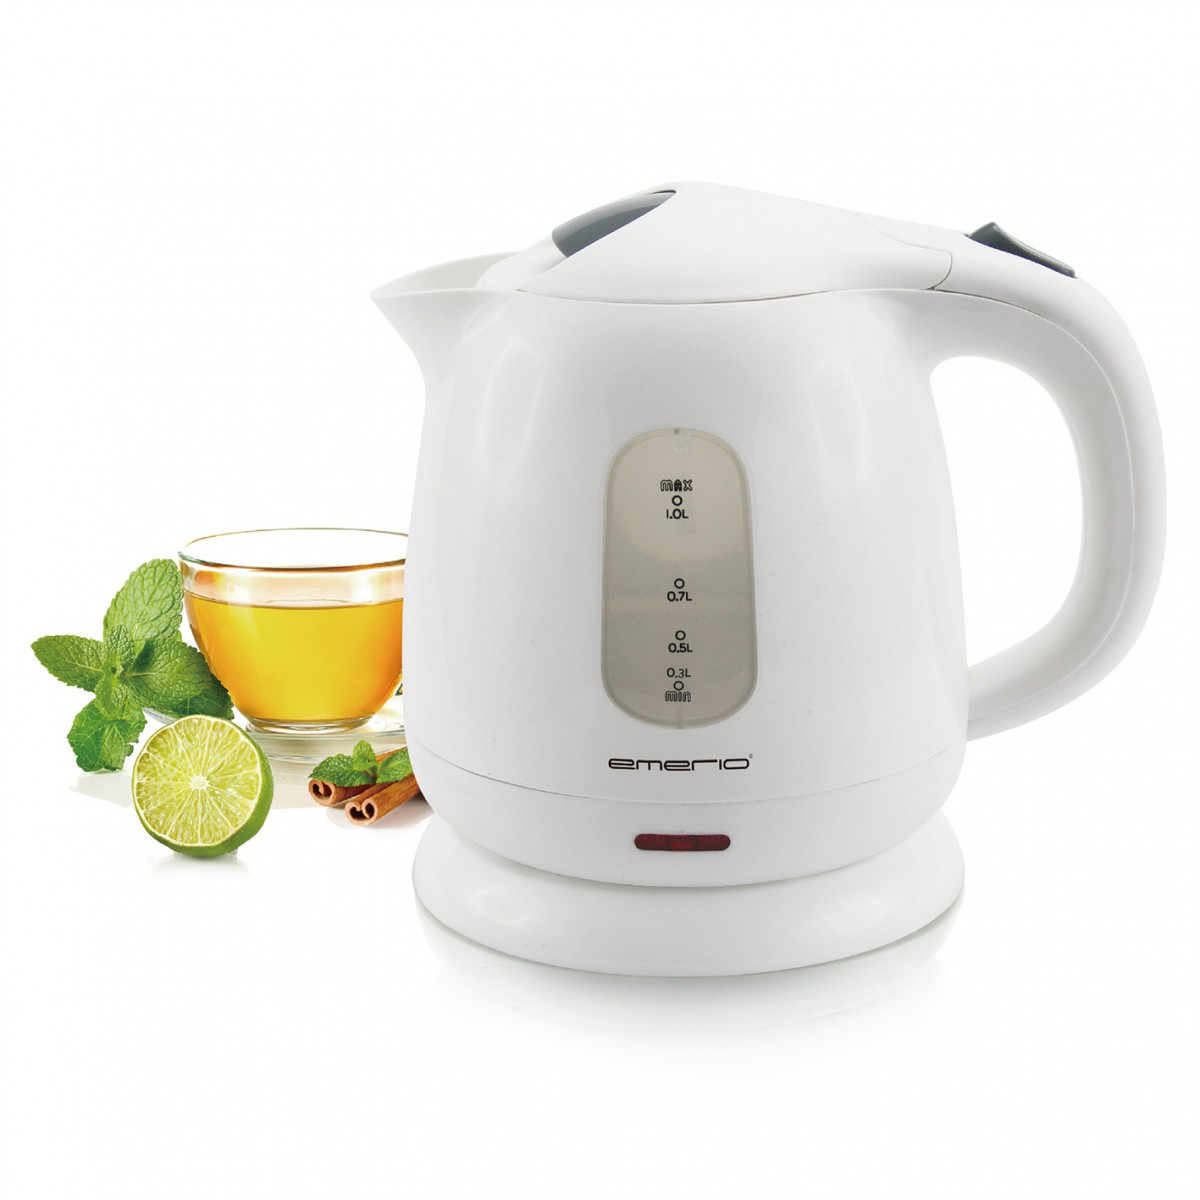 Wasserkocher weiß 1100 Watt Emerio WK-110598.1 – Bild 1